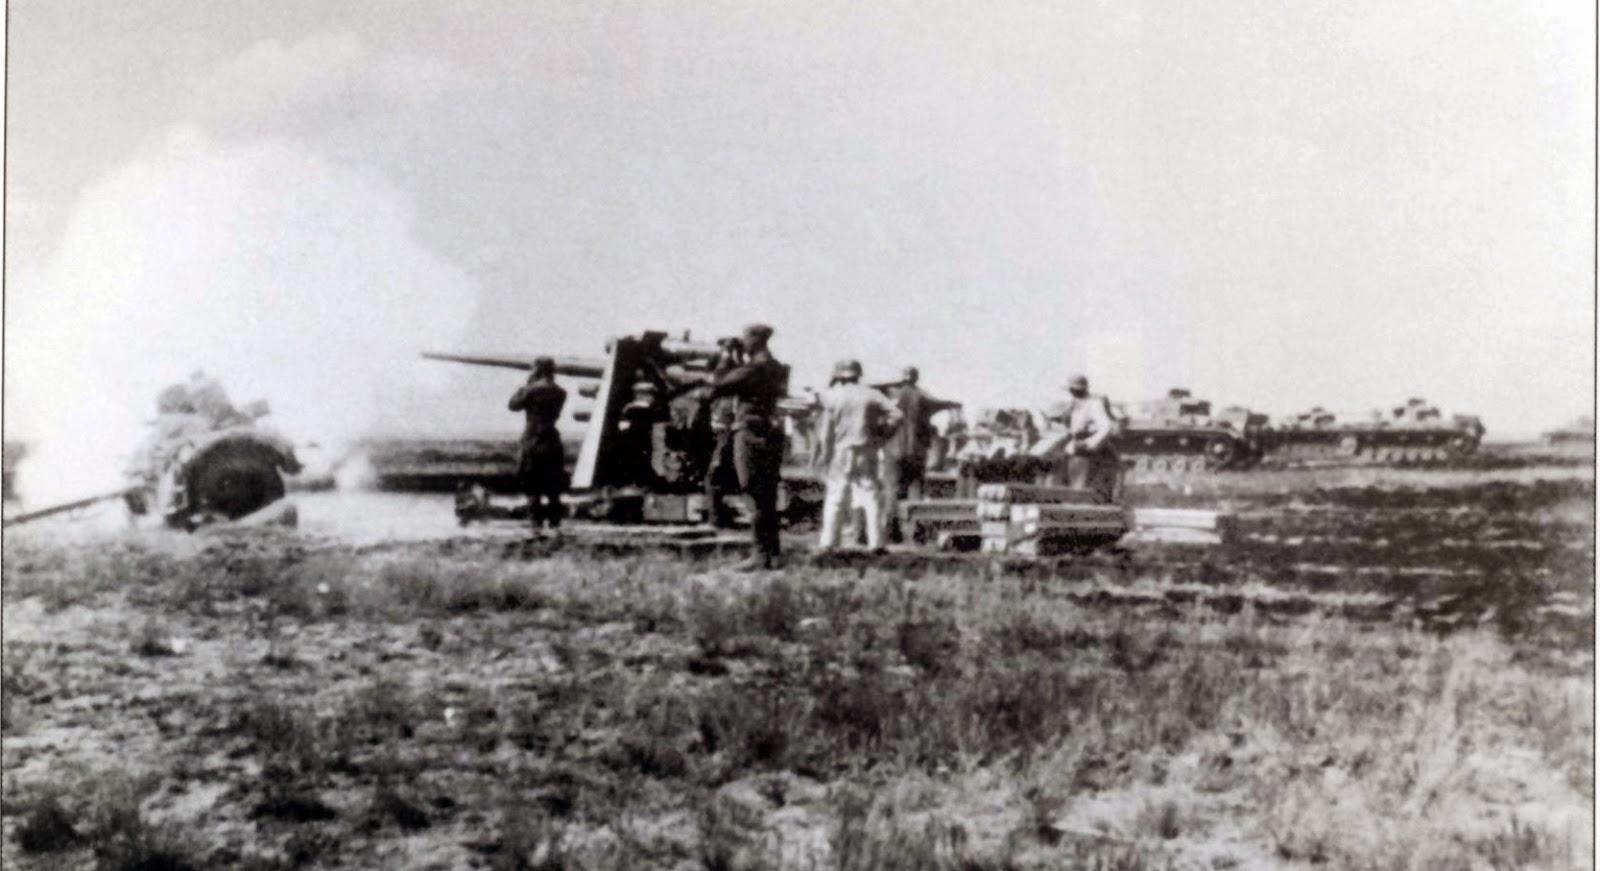 Album foto flak 88 nazi jerman